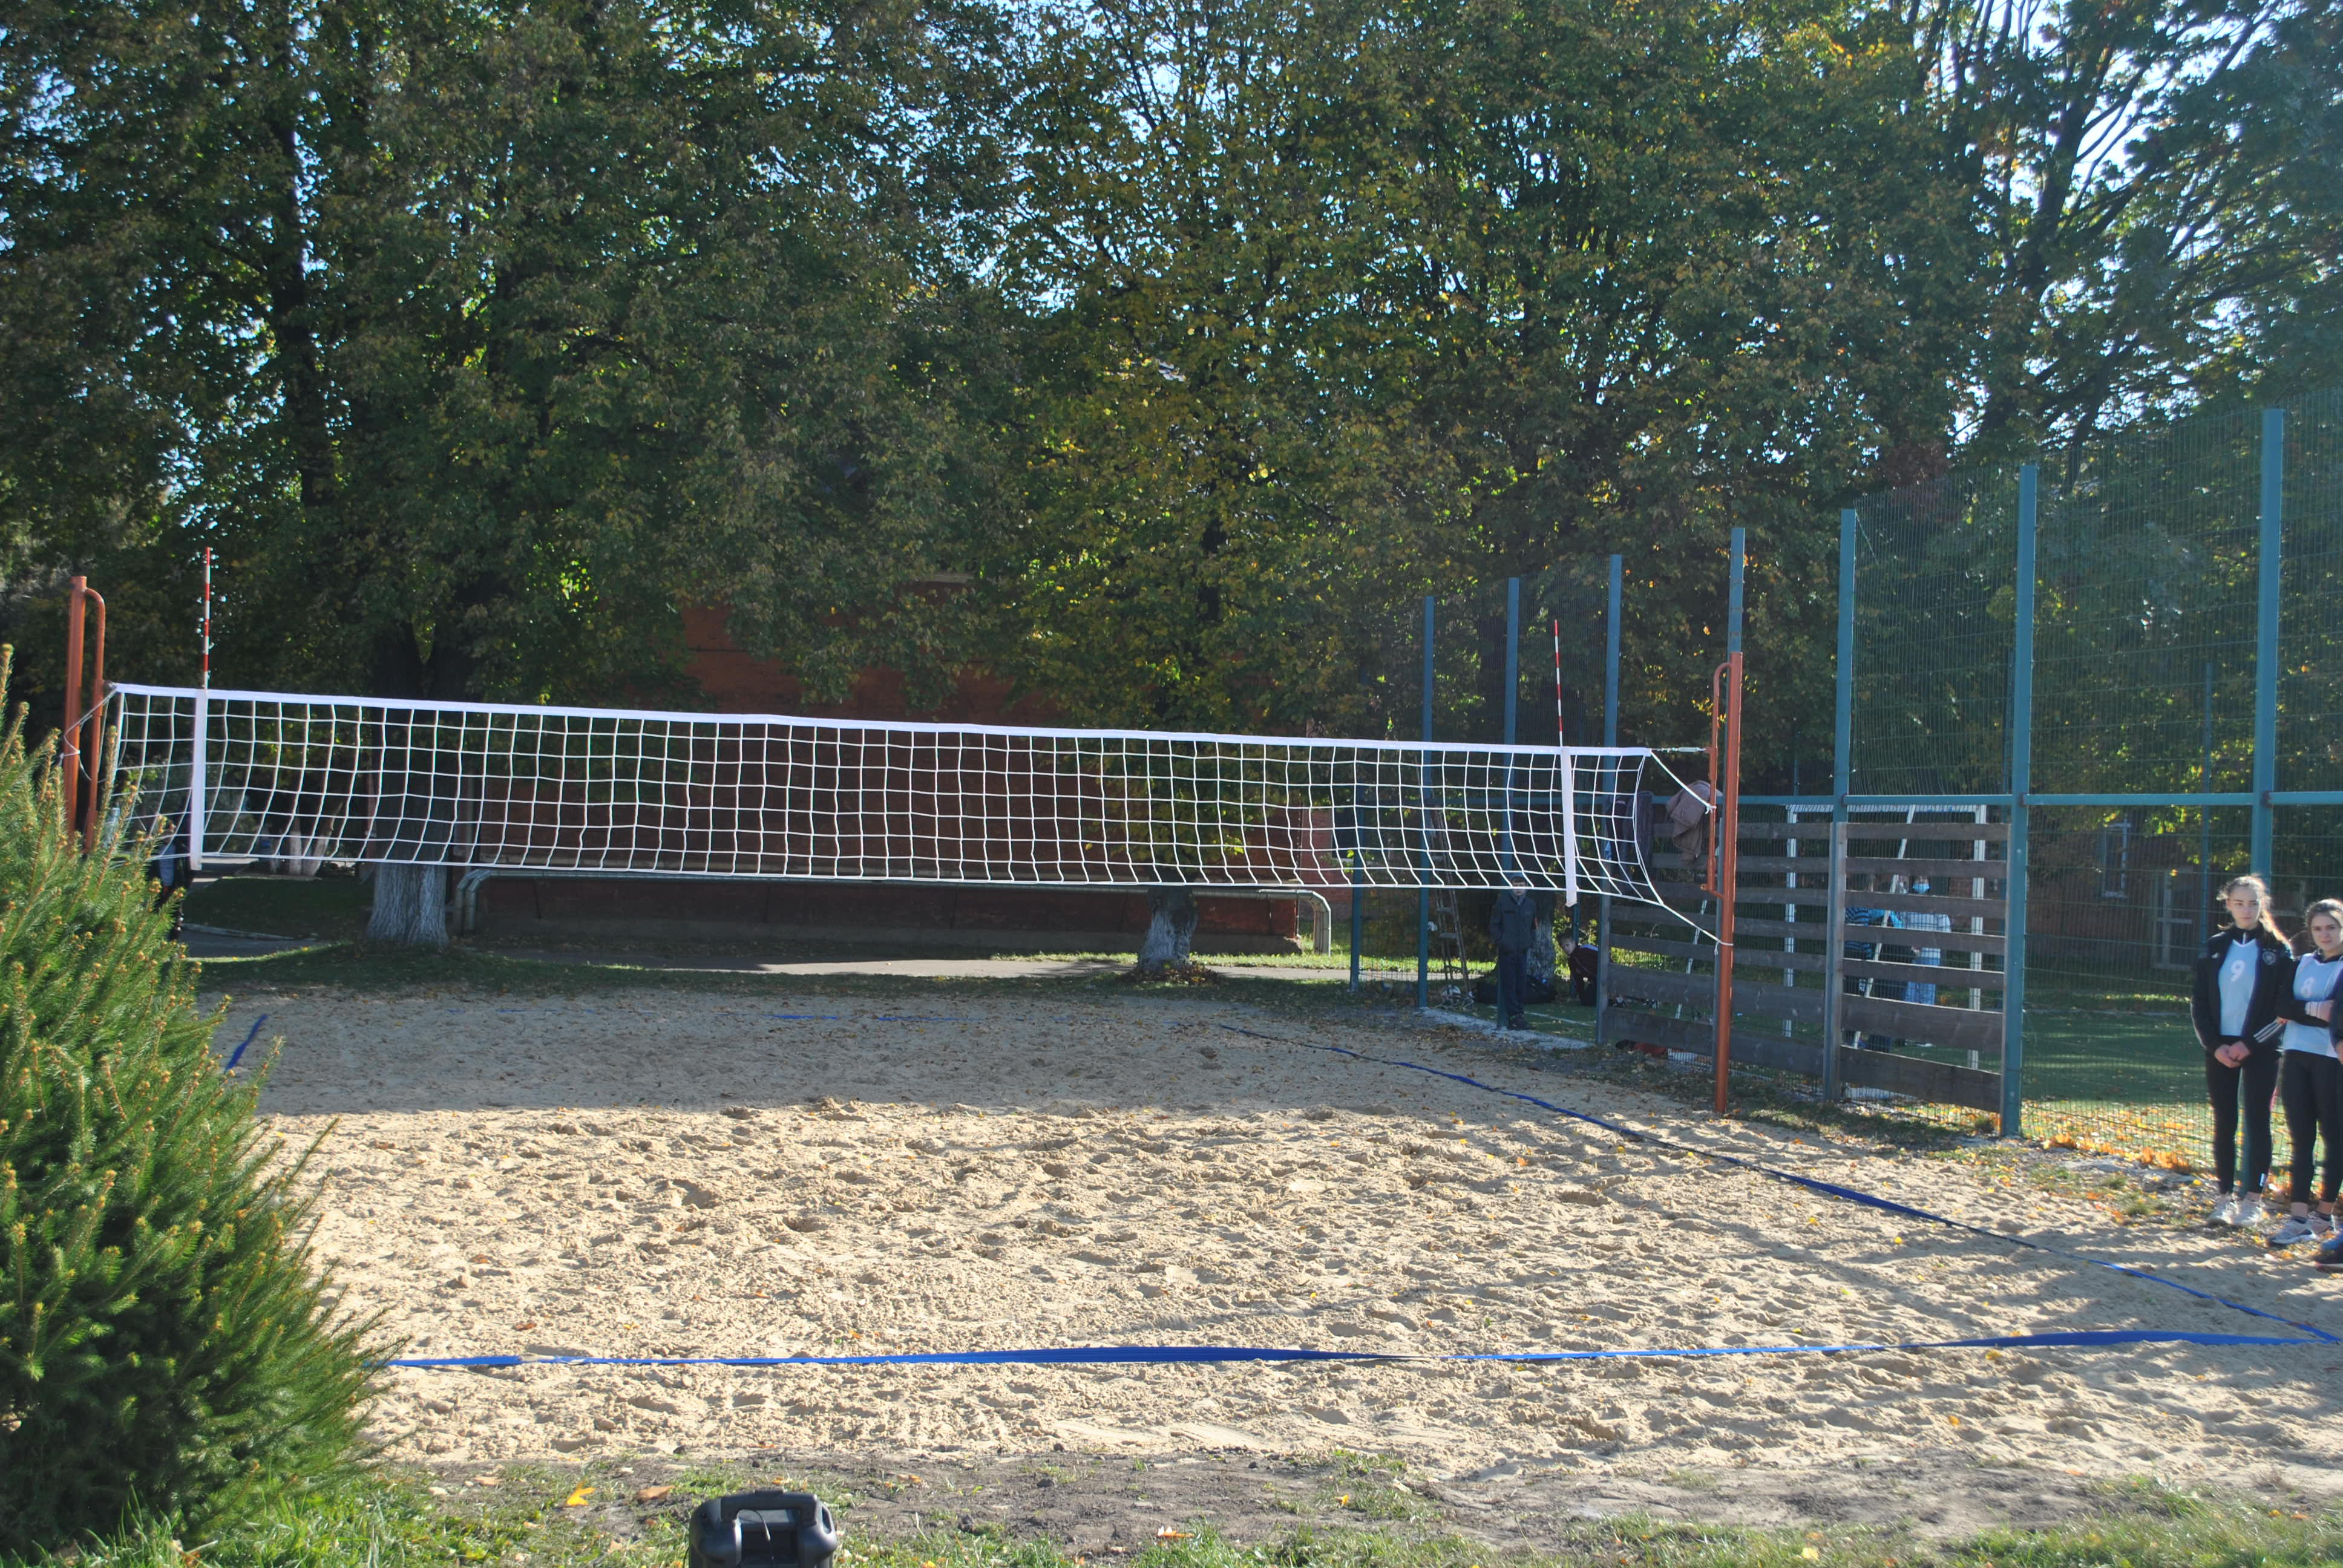 Відкриття «Майданчика для пляжного волейболу»